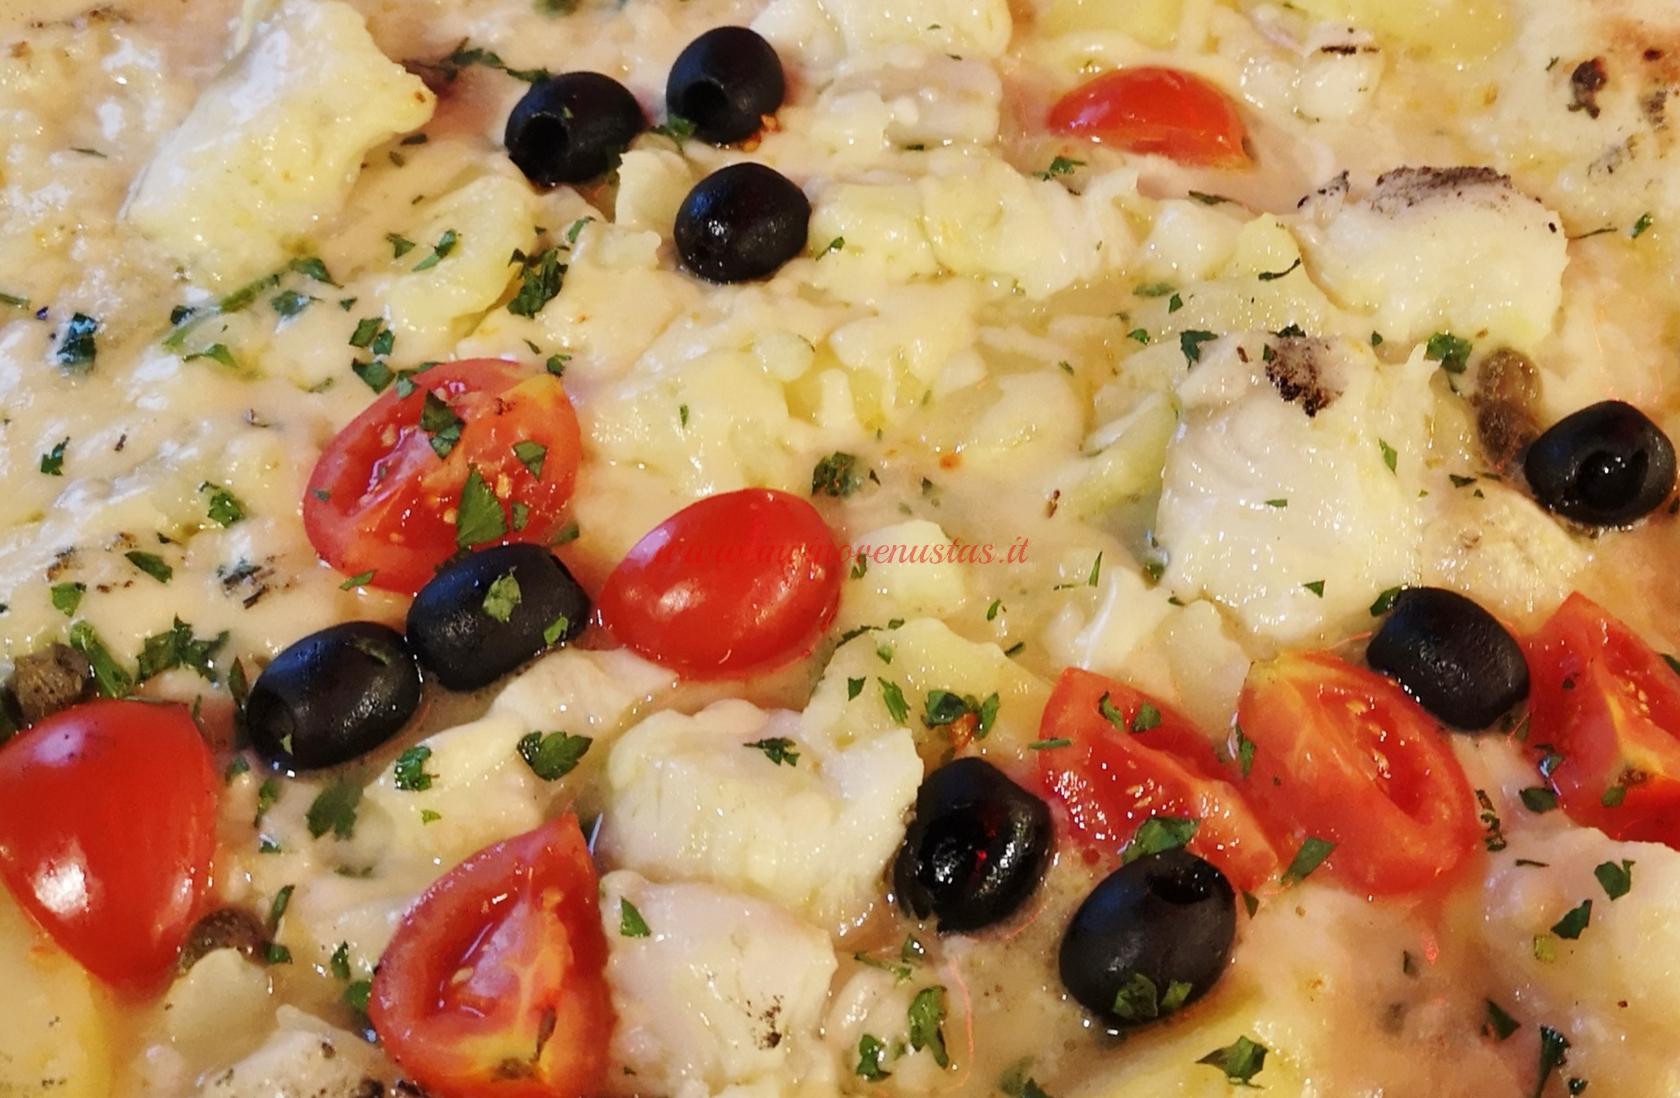 Pizza bianca con pesce olive e pomodorini come esempio di abbinamento vino e pizza